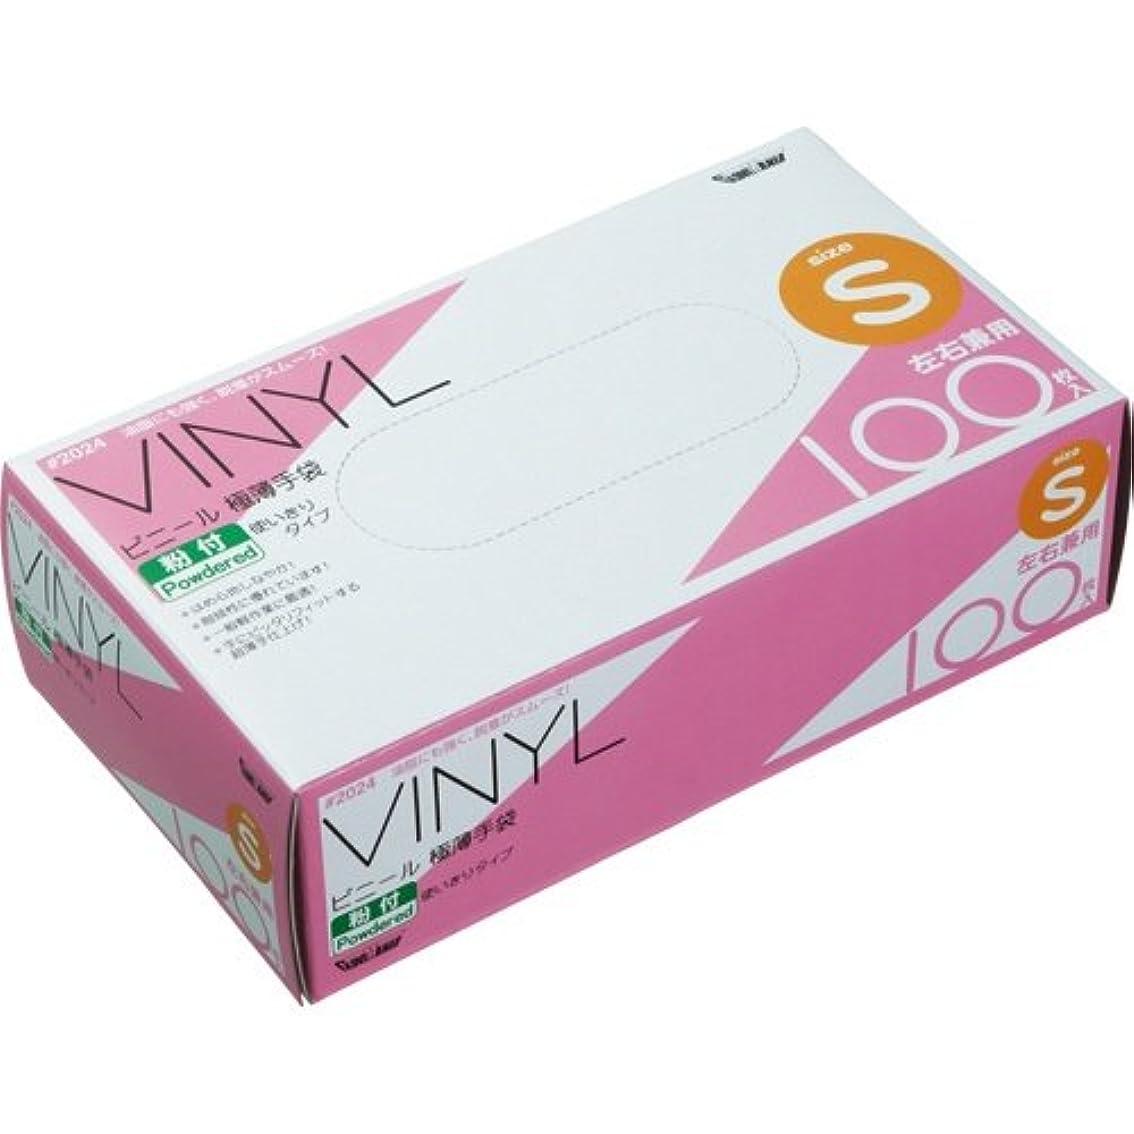 を通して錫ホールド川西工業 ビニール極薄手袋 粉付 S #2024 1セット(2000枚:100枚×20箱)